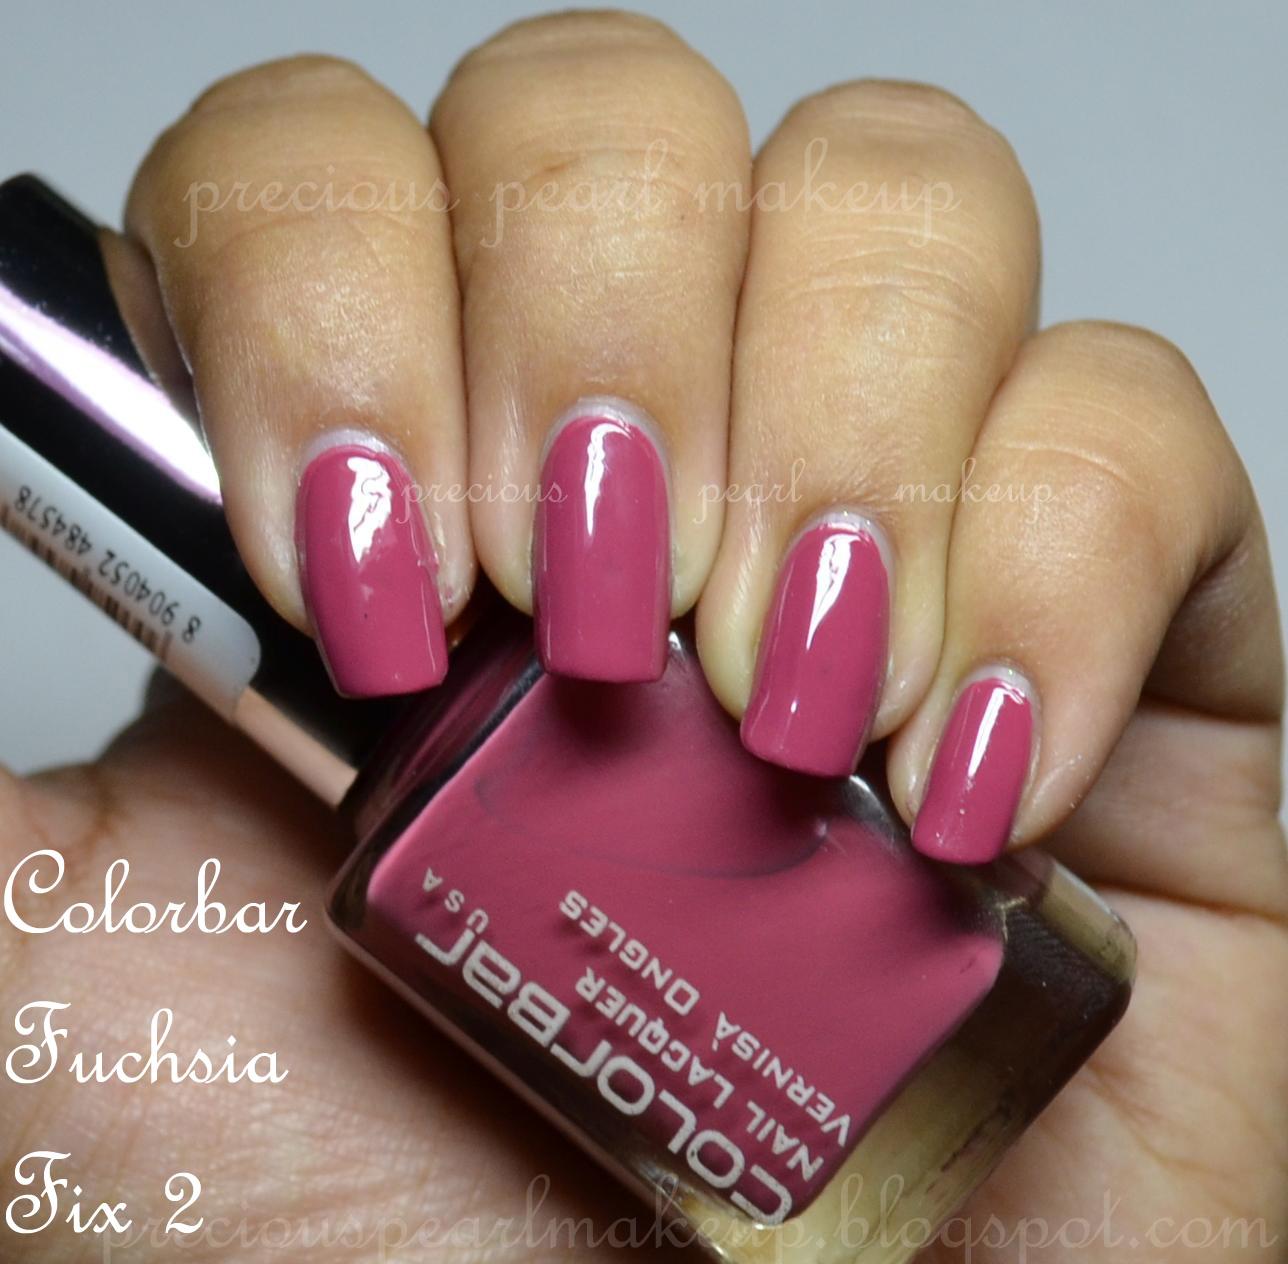 preciouspearlmakeup: Colorbar Nail Lacquer Fuchsia Fix 2